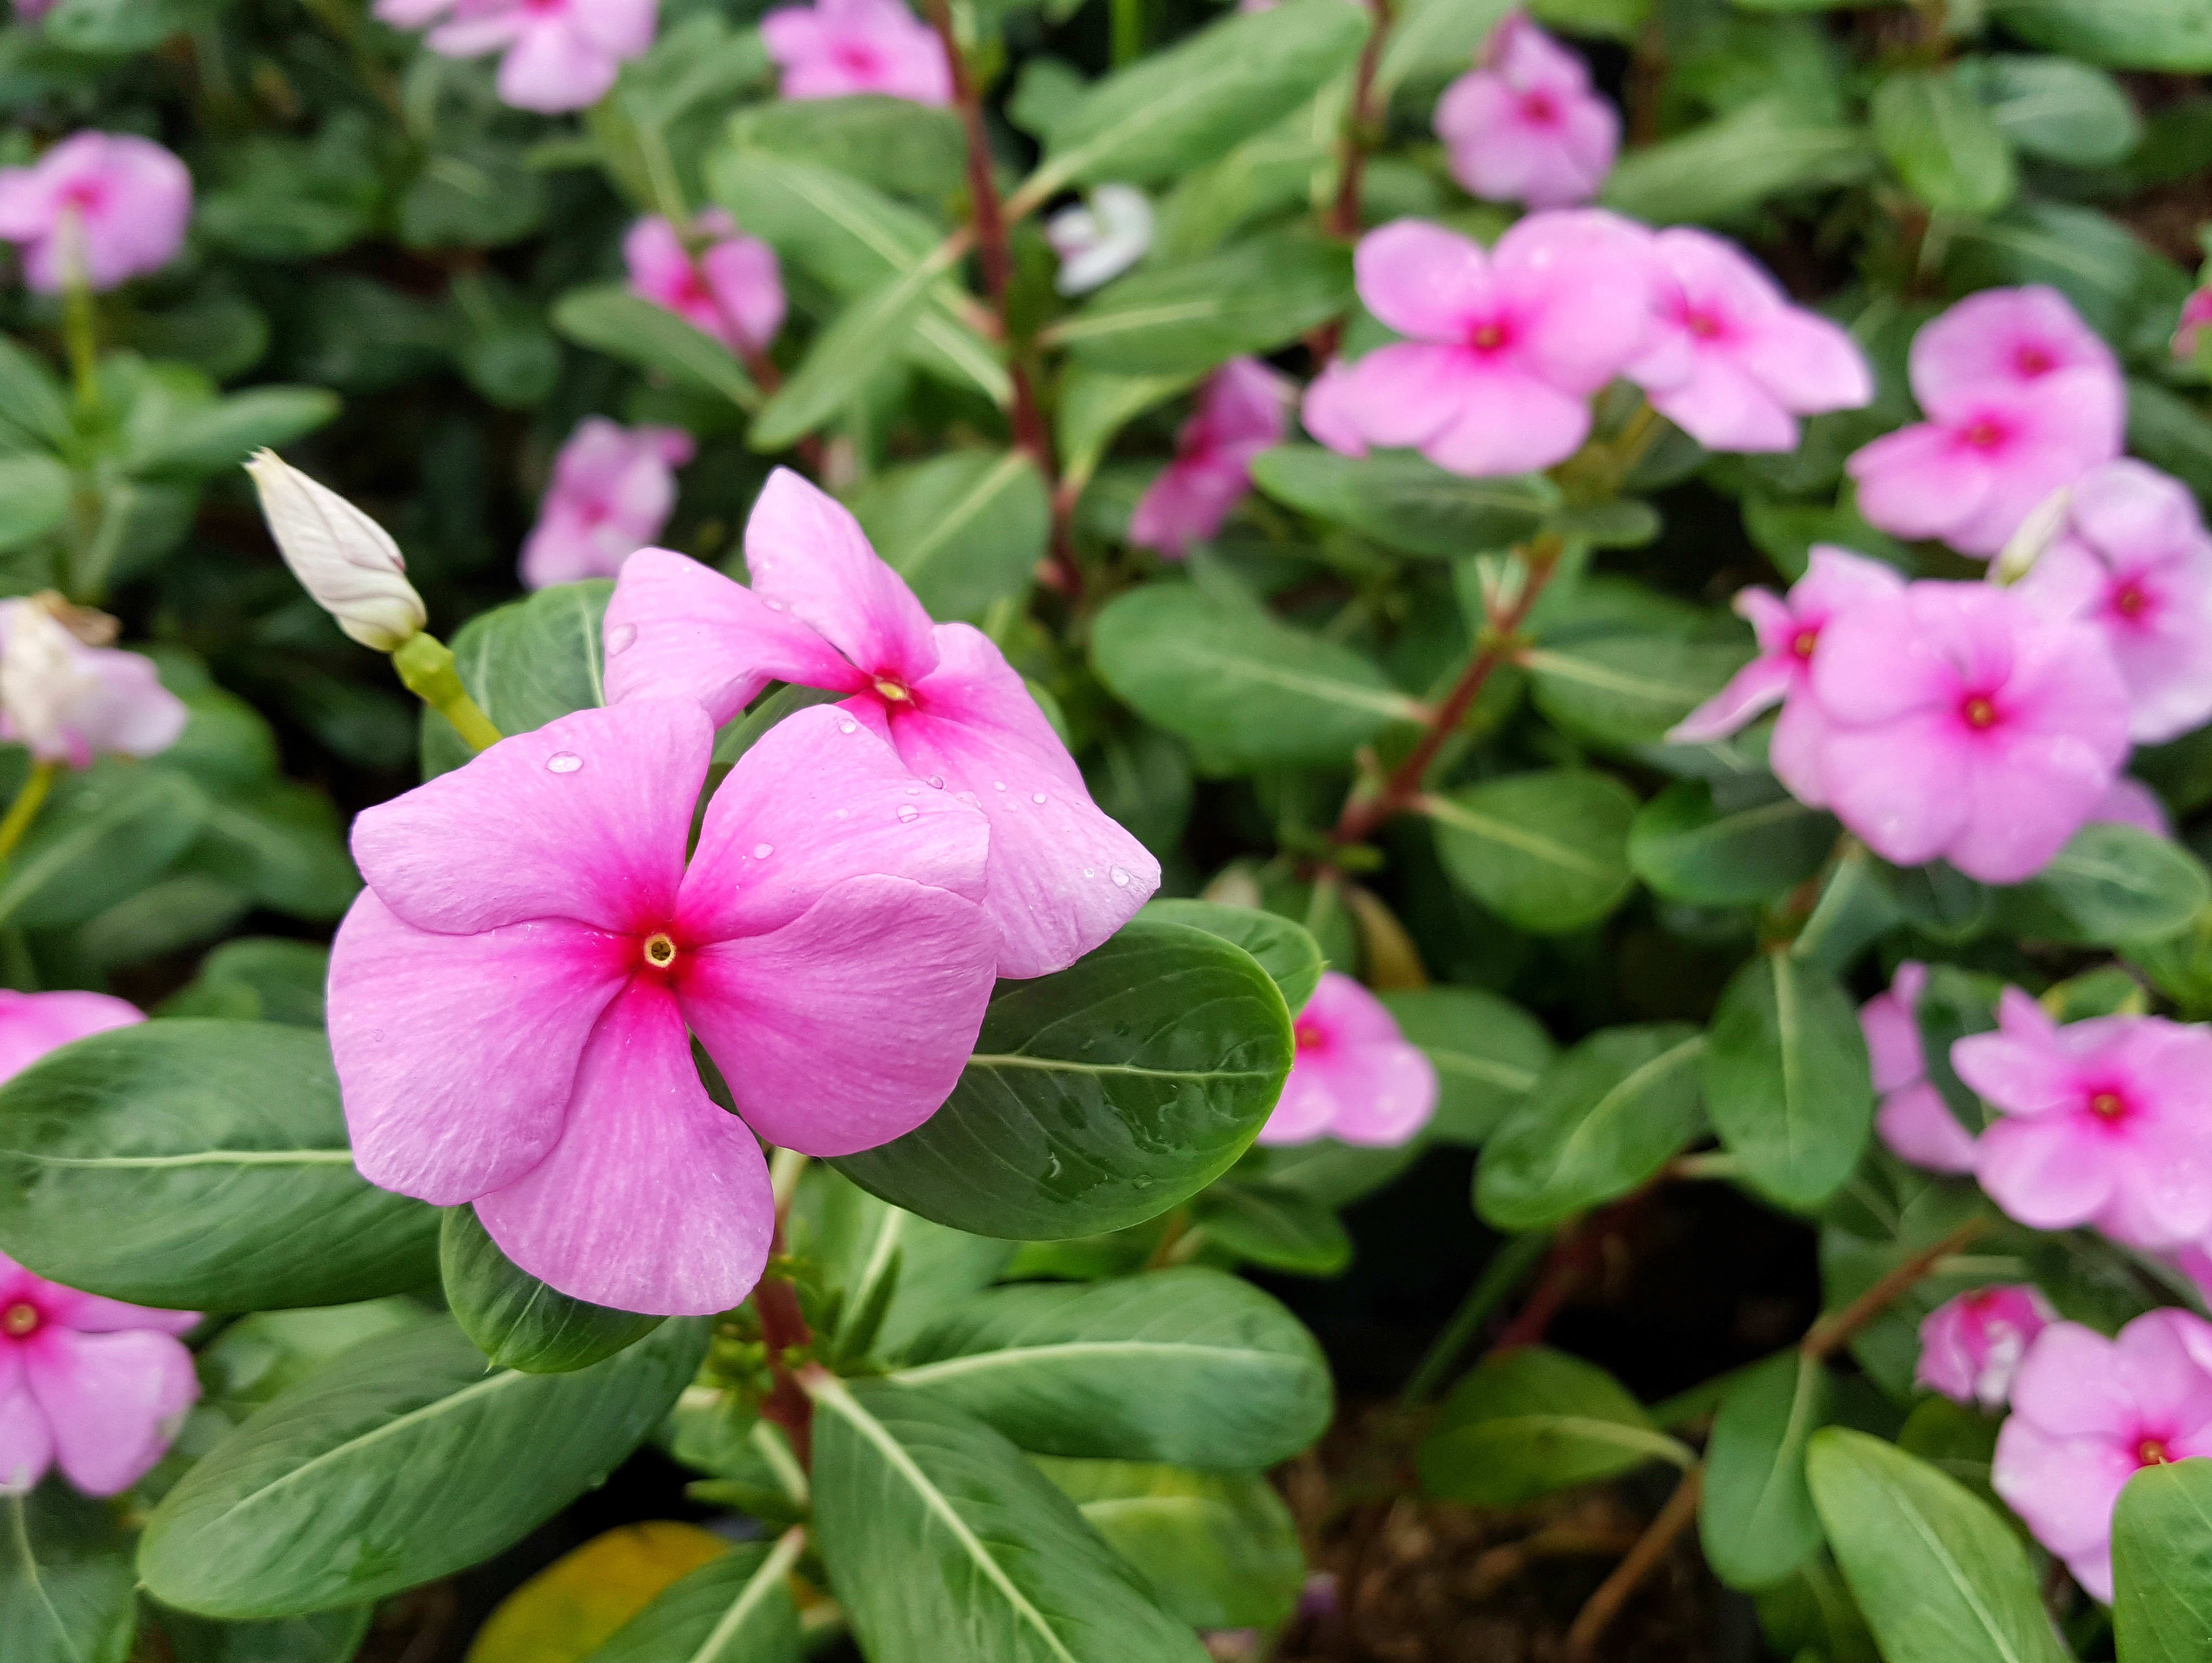 הפרח הפופולרי שכולכם מכירים משמש כתרופה נגד סרטן